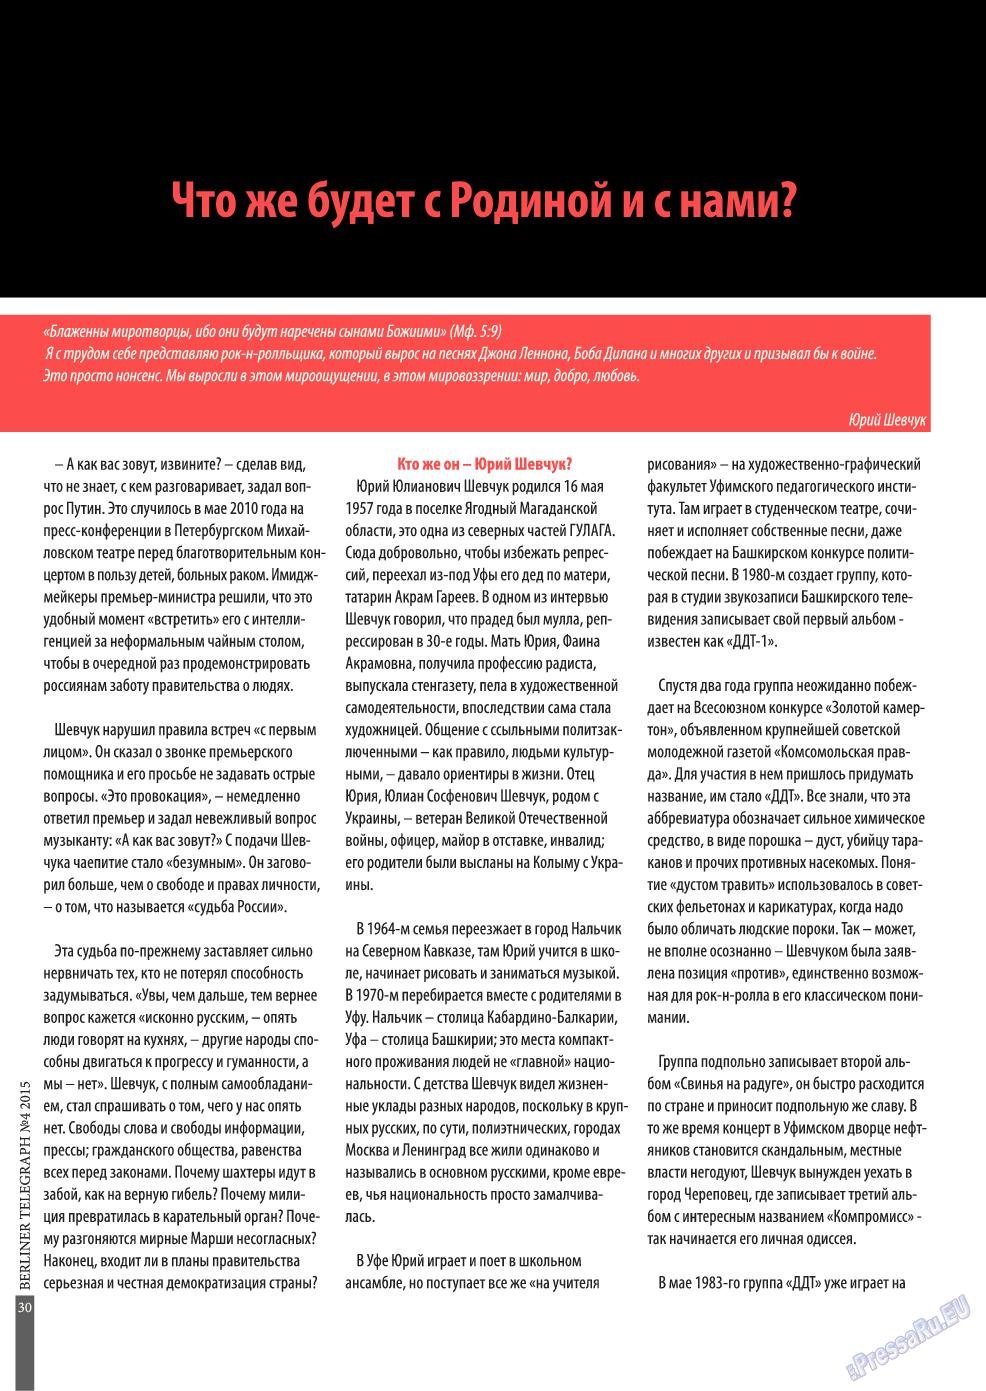 Берлинский телеграф (журнал). 2015 год, номер 4, стр. 30